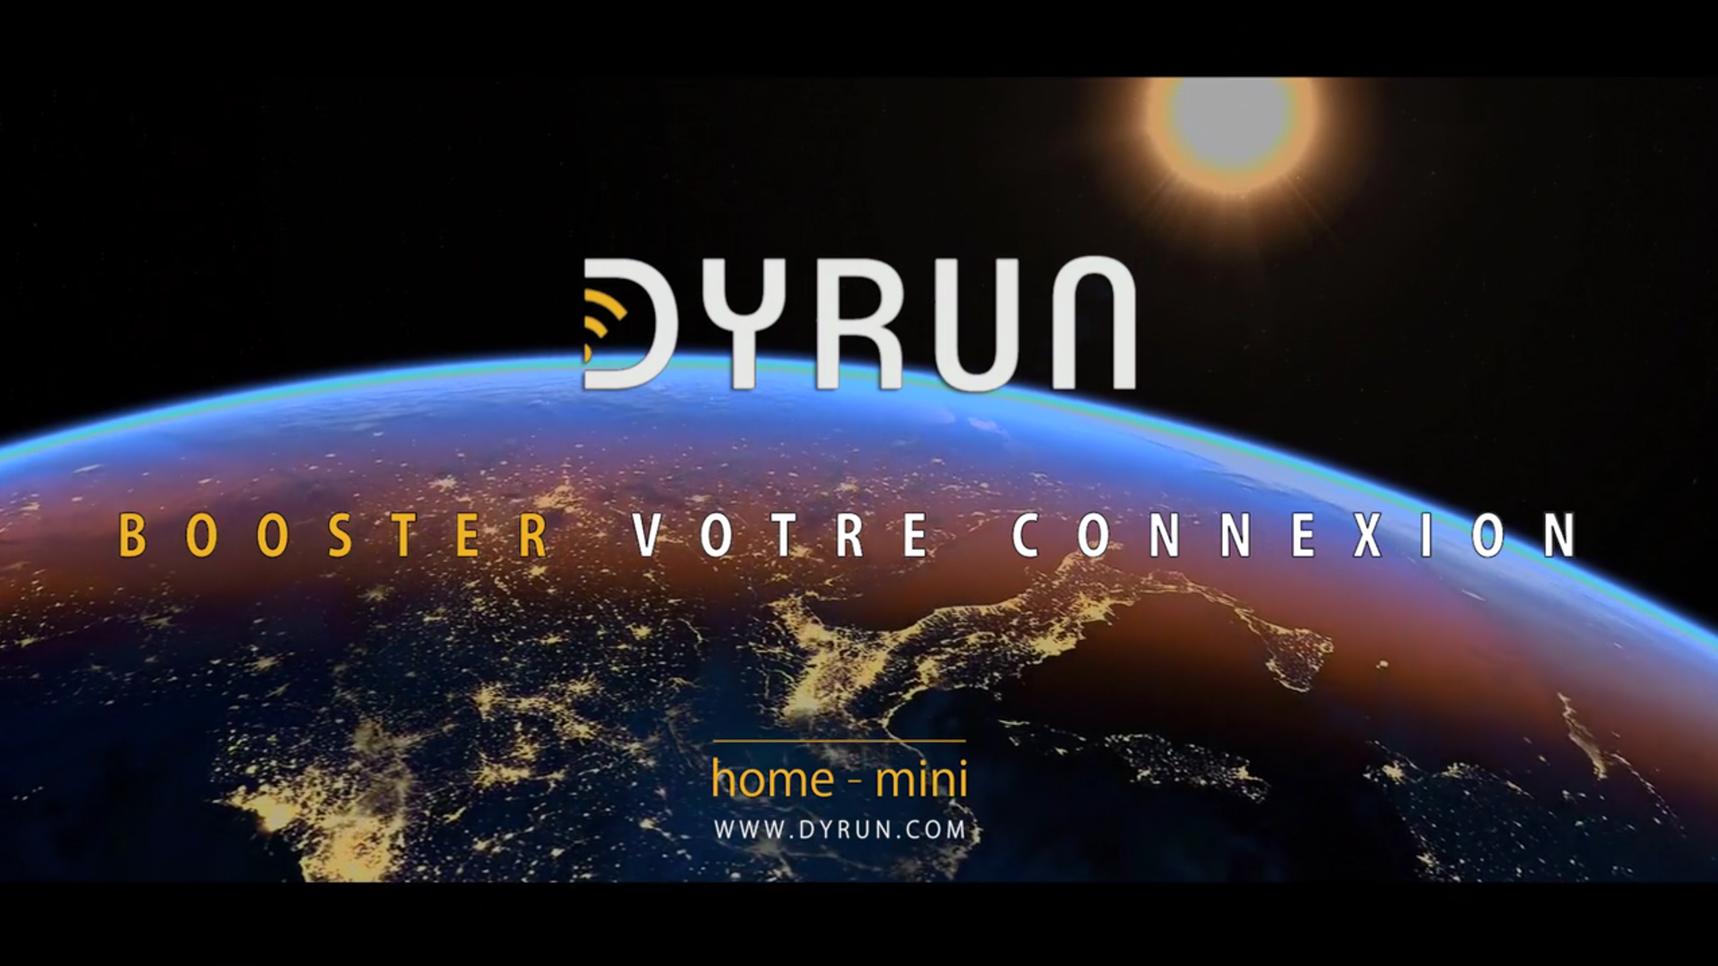 DYRUN Telecom